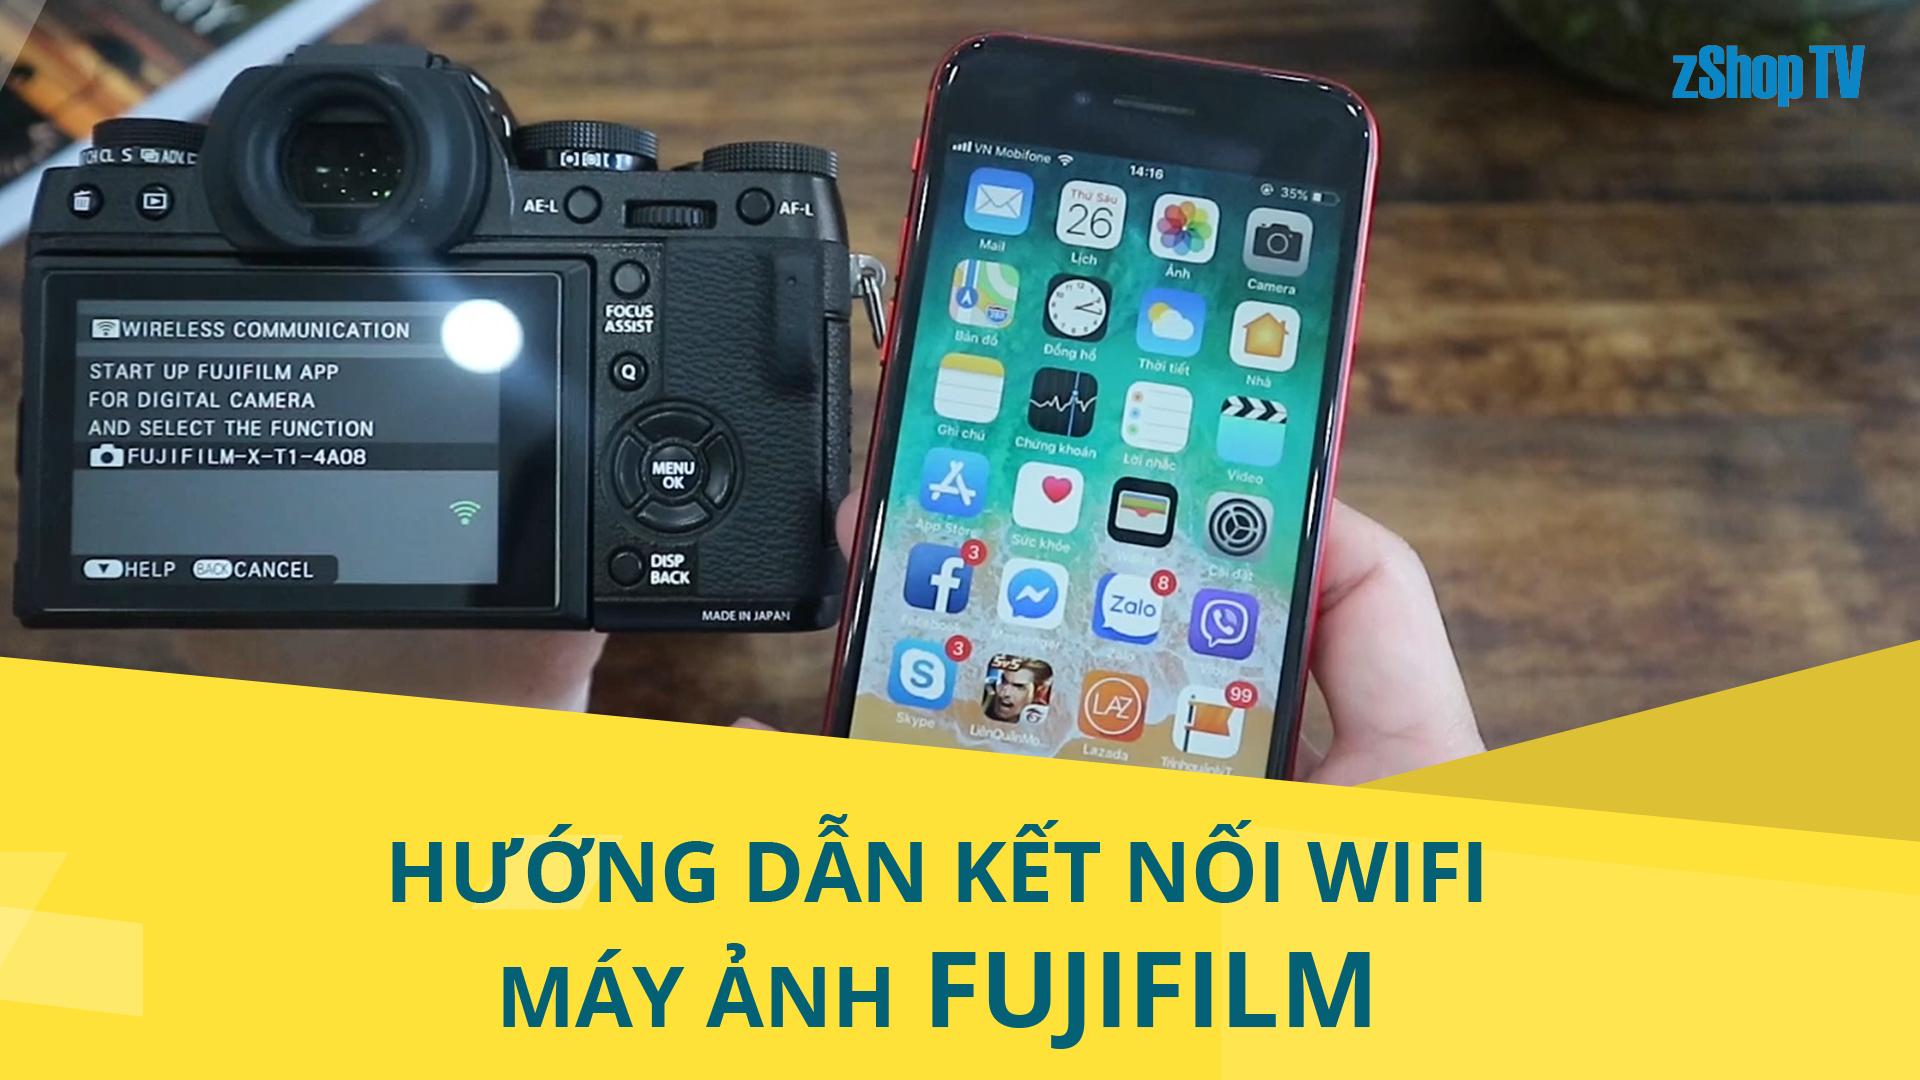 [Hướng dẫn] Fujifilm Wifi: Kết nối với Smartphone đơn giản chỉ trong 30 giây